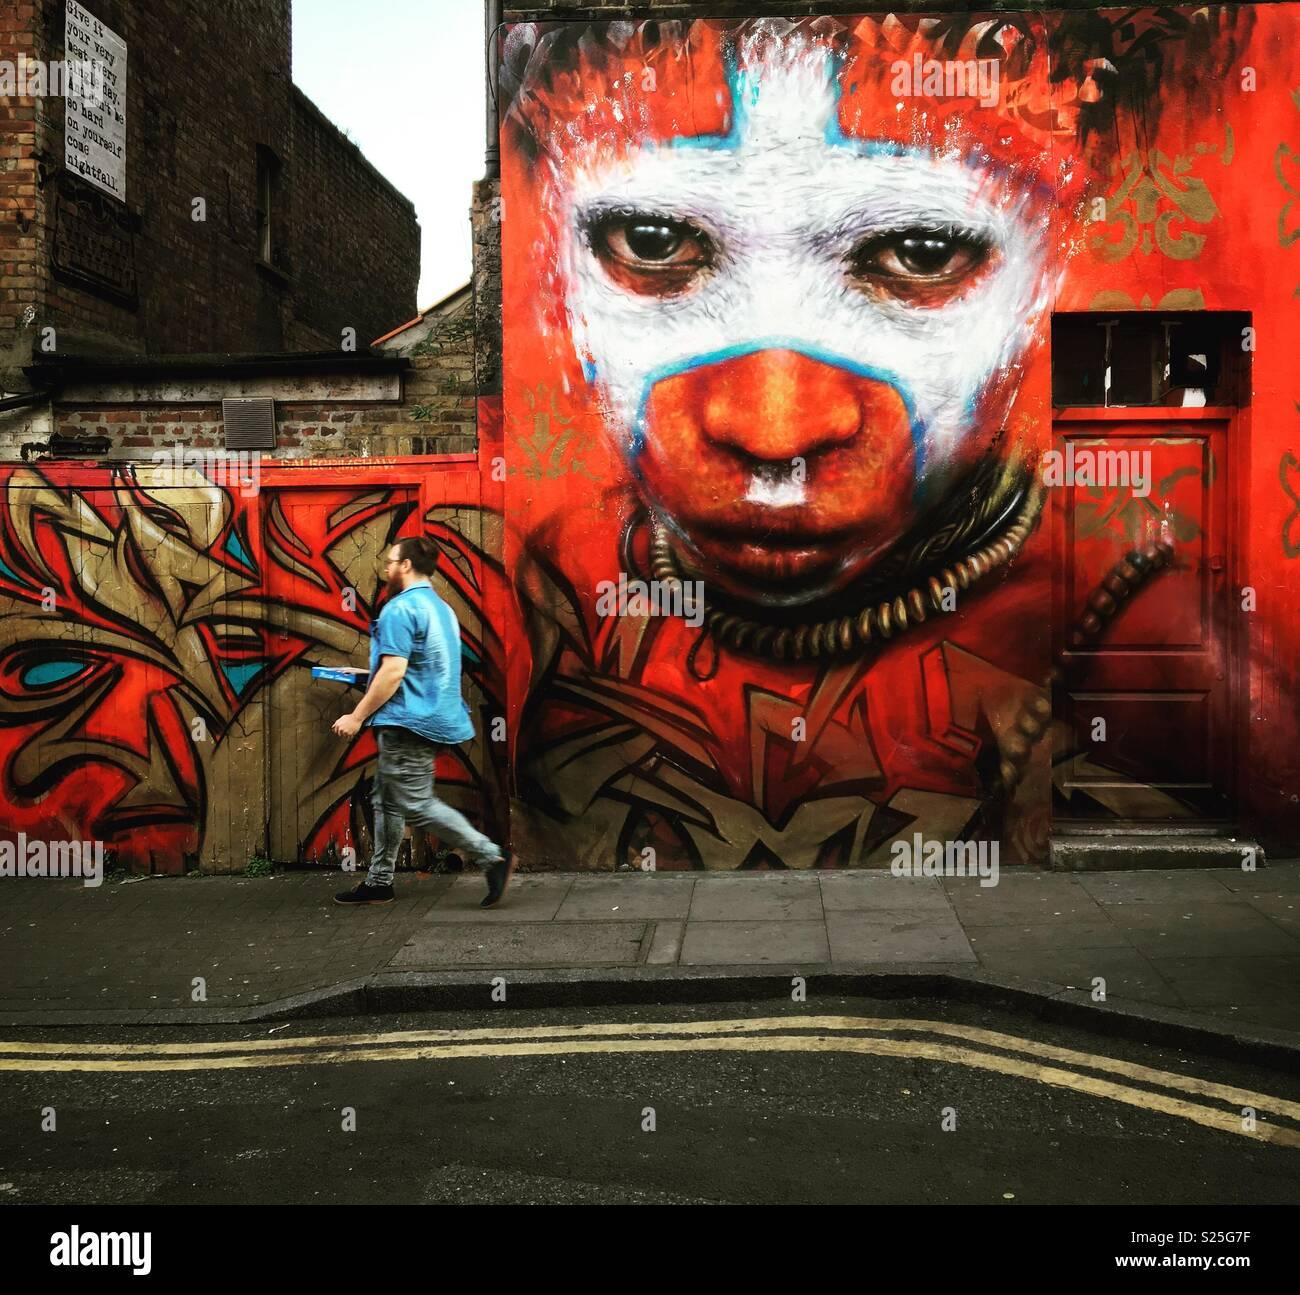 Guy passando, com a arte de rua em East London Imagens de Stock